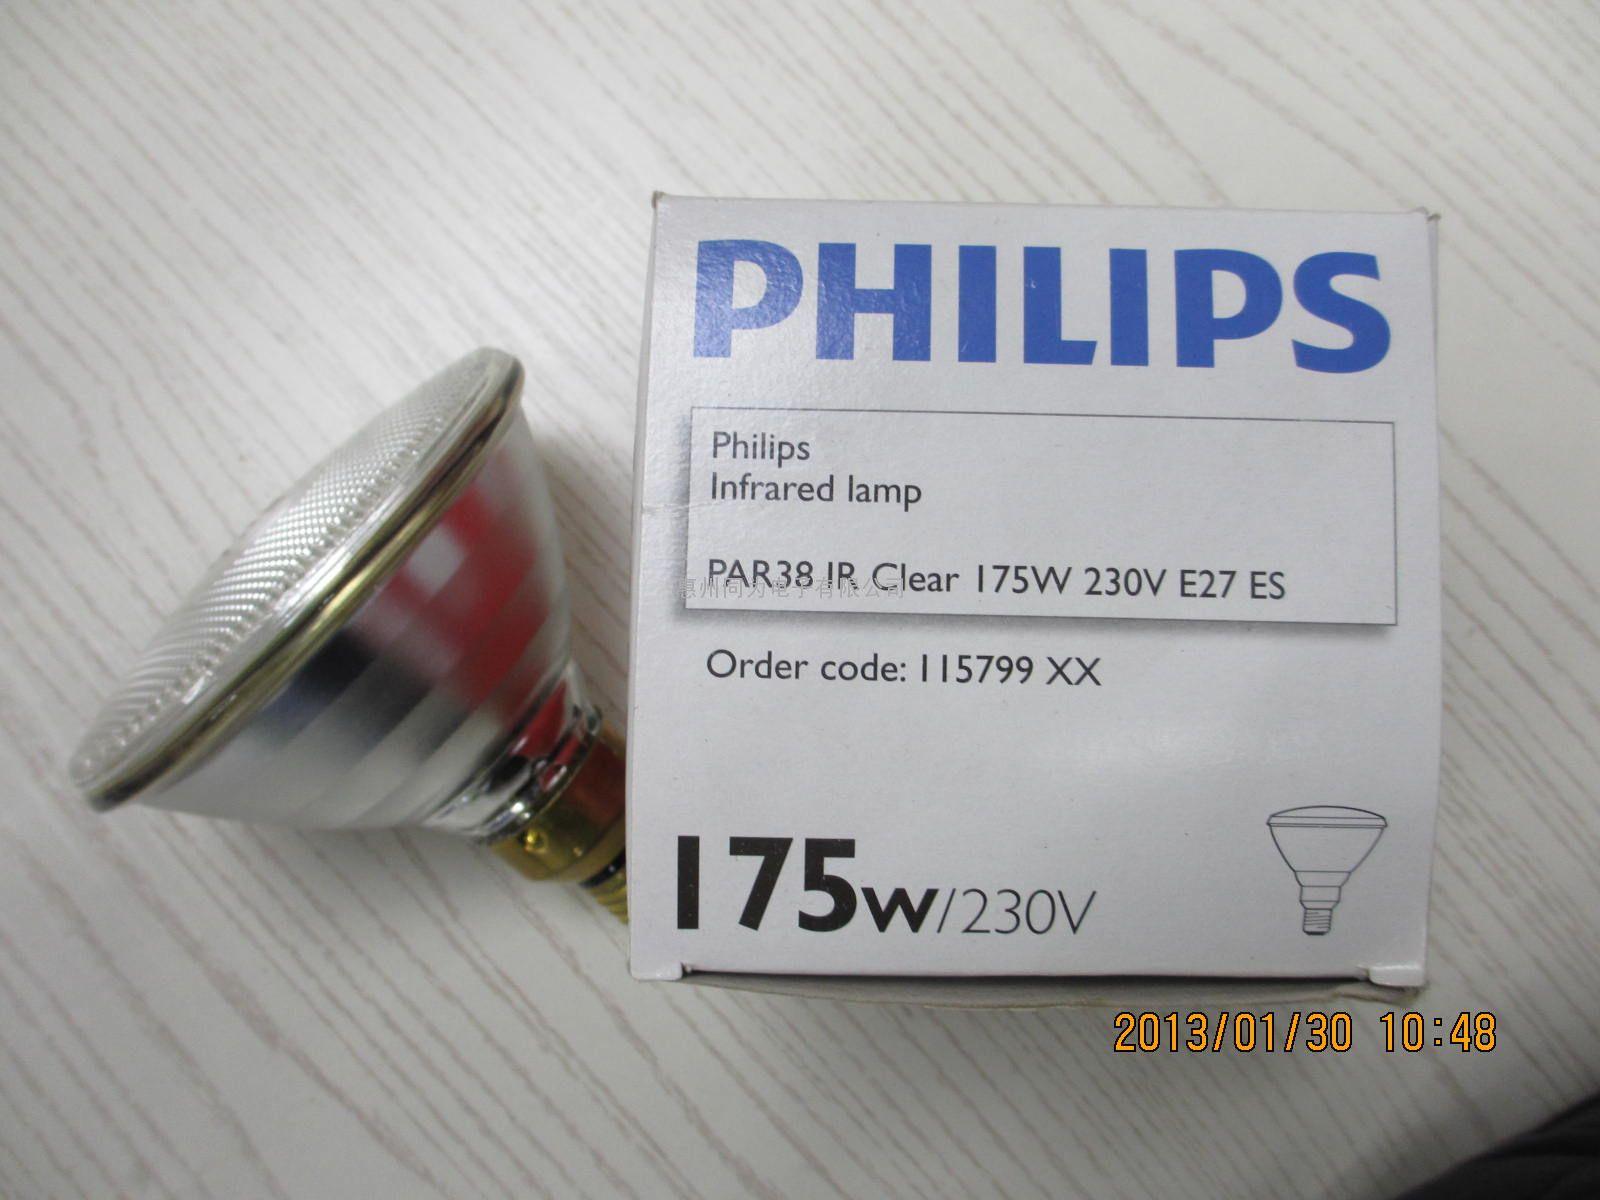 正品品质飞利浦 par38 ir red 175 w 红外线 高清图片